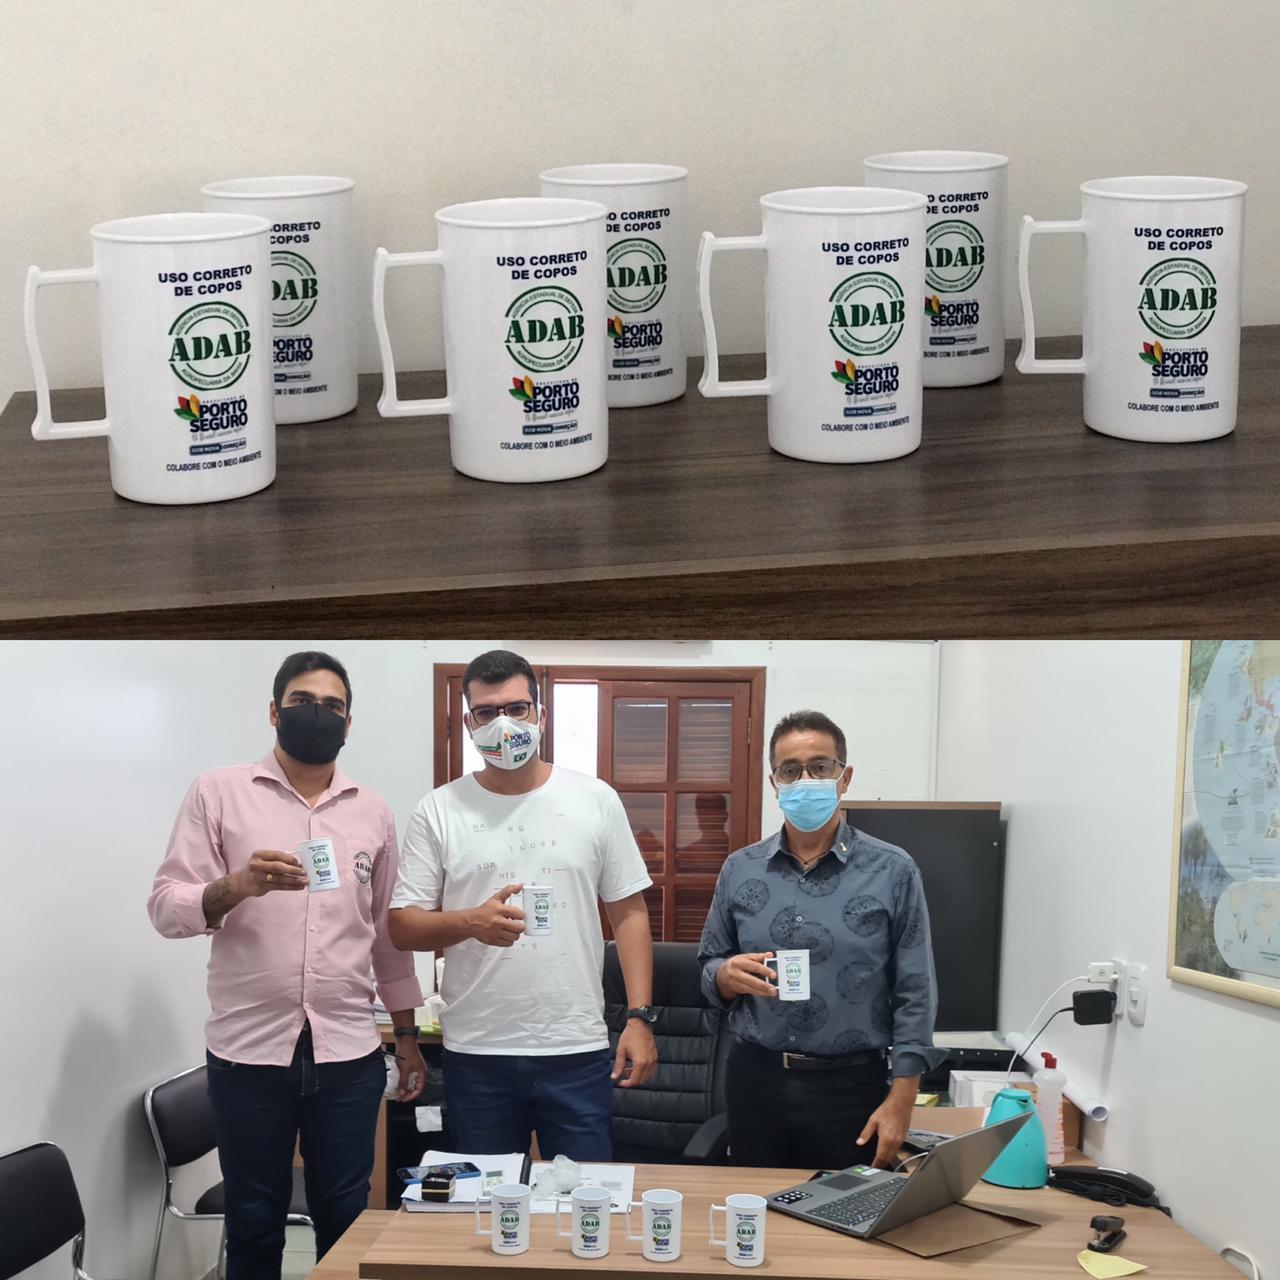 Porto Seguro: Prefeitura e Adab trocam copos descartáveis por canecas ecológicas 18